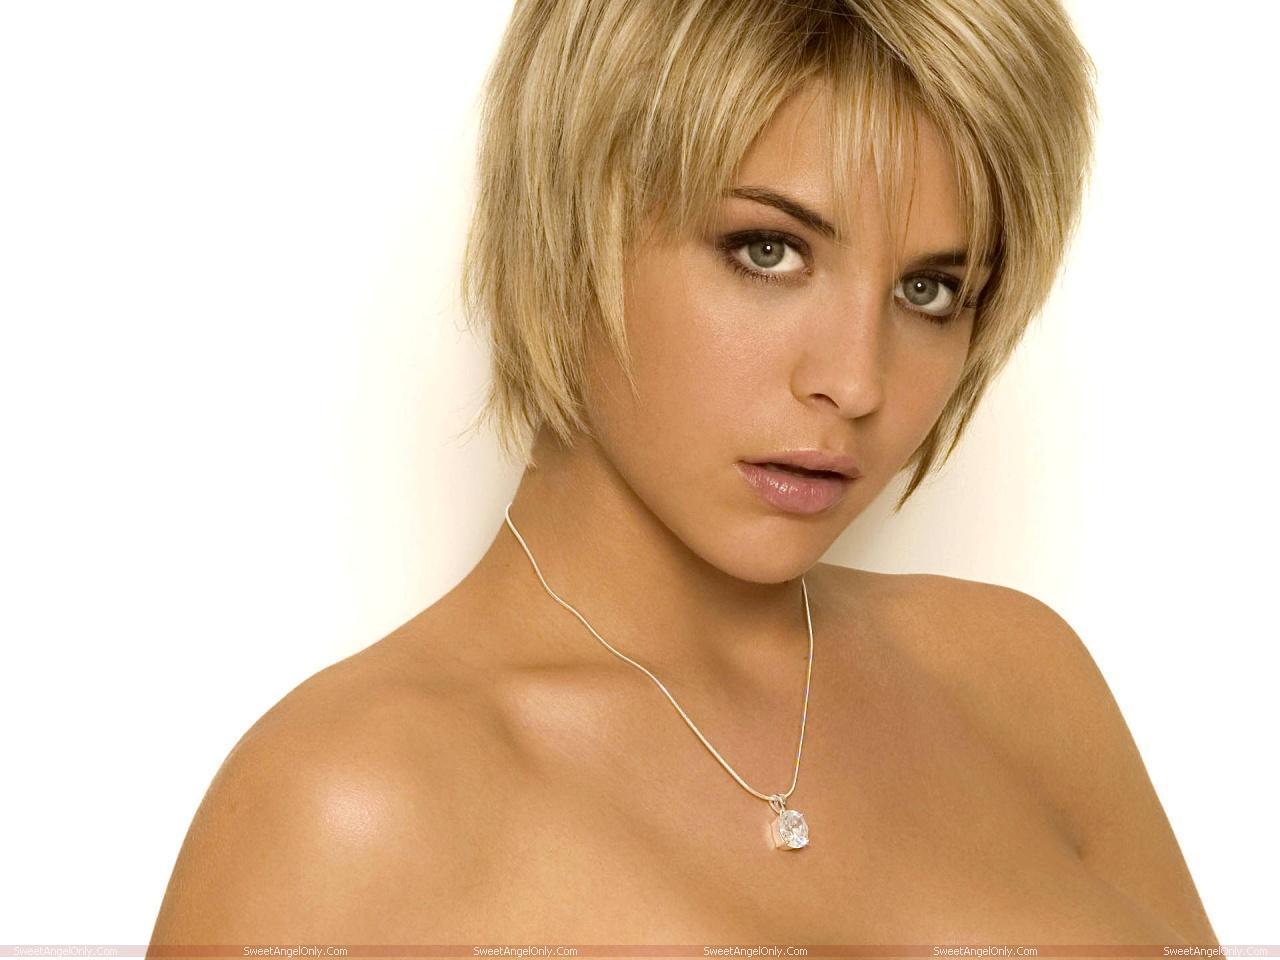 http://3.bp.blogspot.com/-dcVe9V615xs/TVujcIPRWvI/AAAAAAAAESI/dyts-o-YFXM/s1600/Gemma_Atkinson_Hot_Wallpapers_SweetAngelOnly_18.jpg